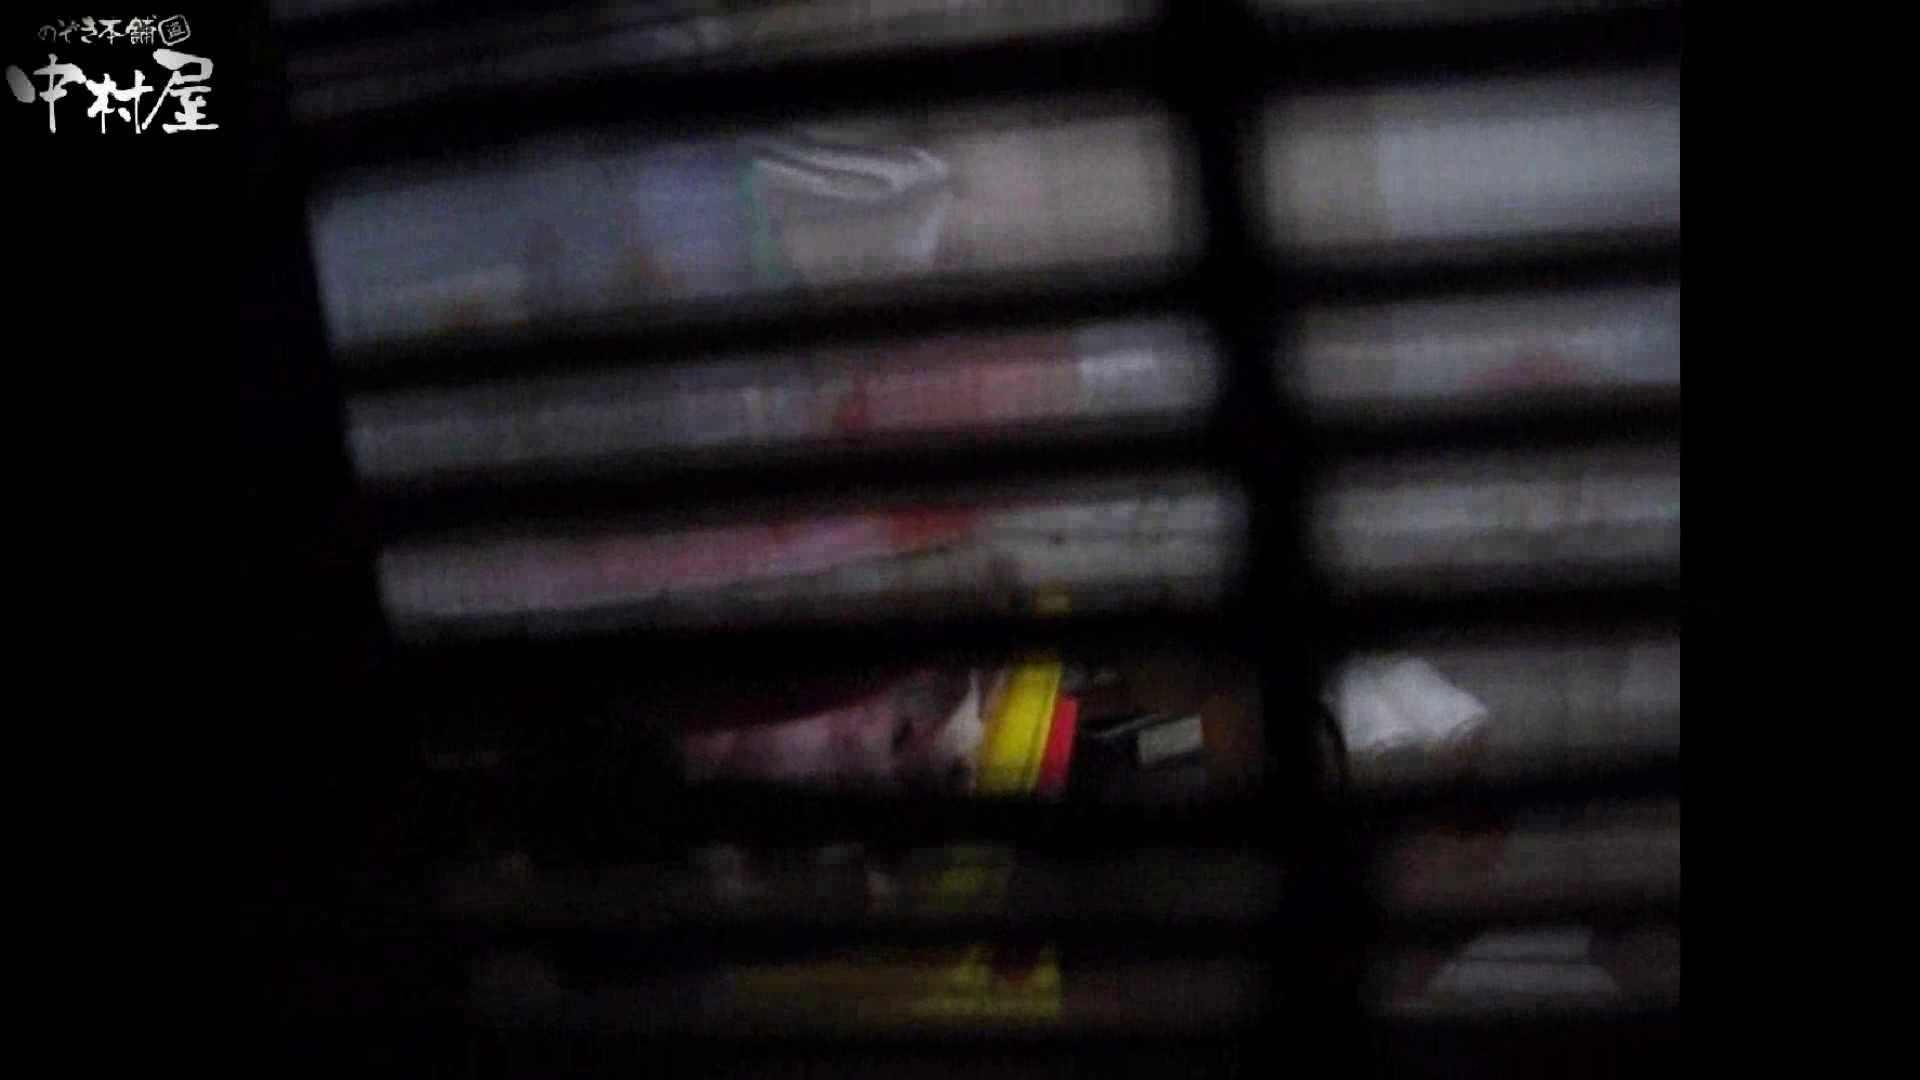 民家風呂専門盗撮師の超危険映像 vol.011 美女まとめ   エロい美少女  107PIX 26